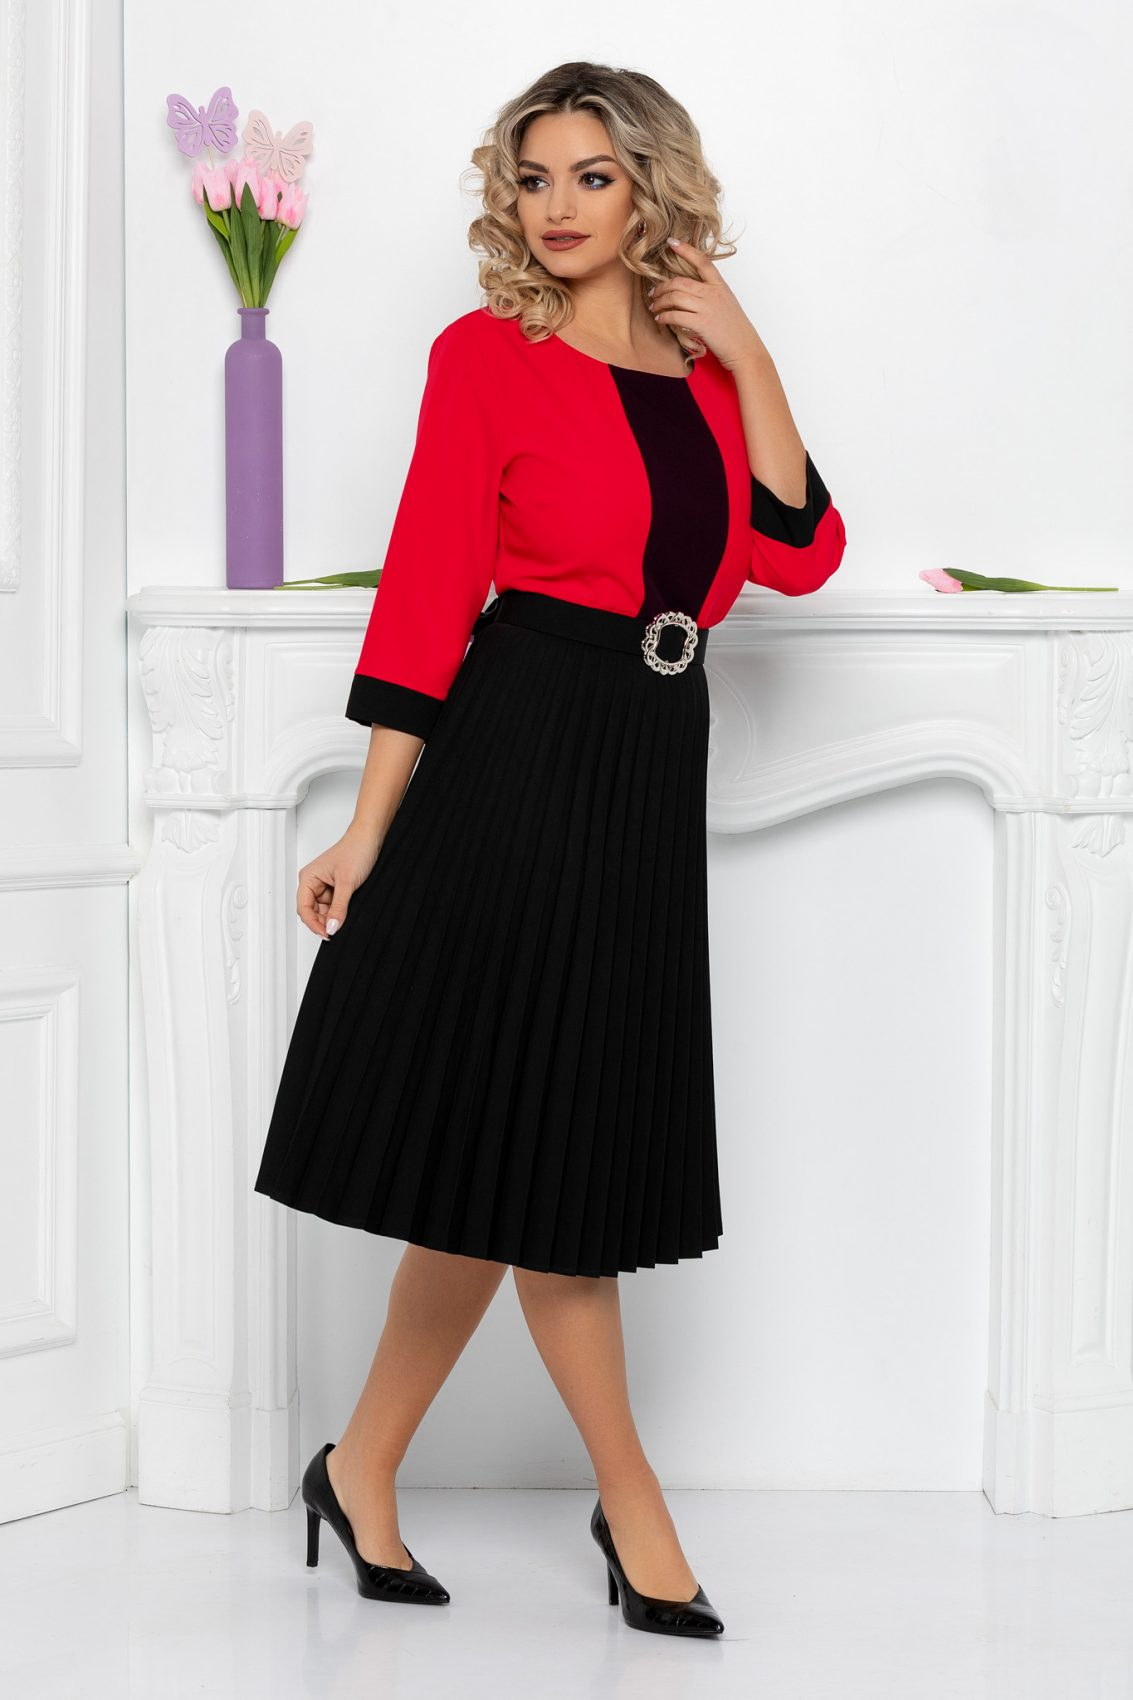 Κοραλί Μίντι Πλισέ Φόρεμα Tyrra 9502 1